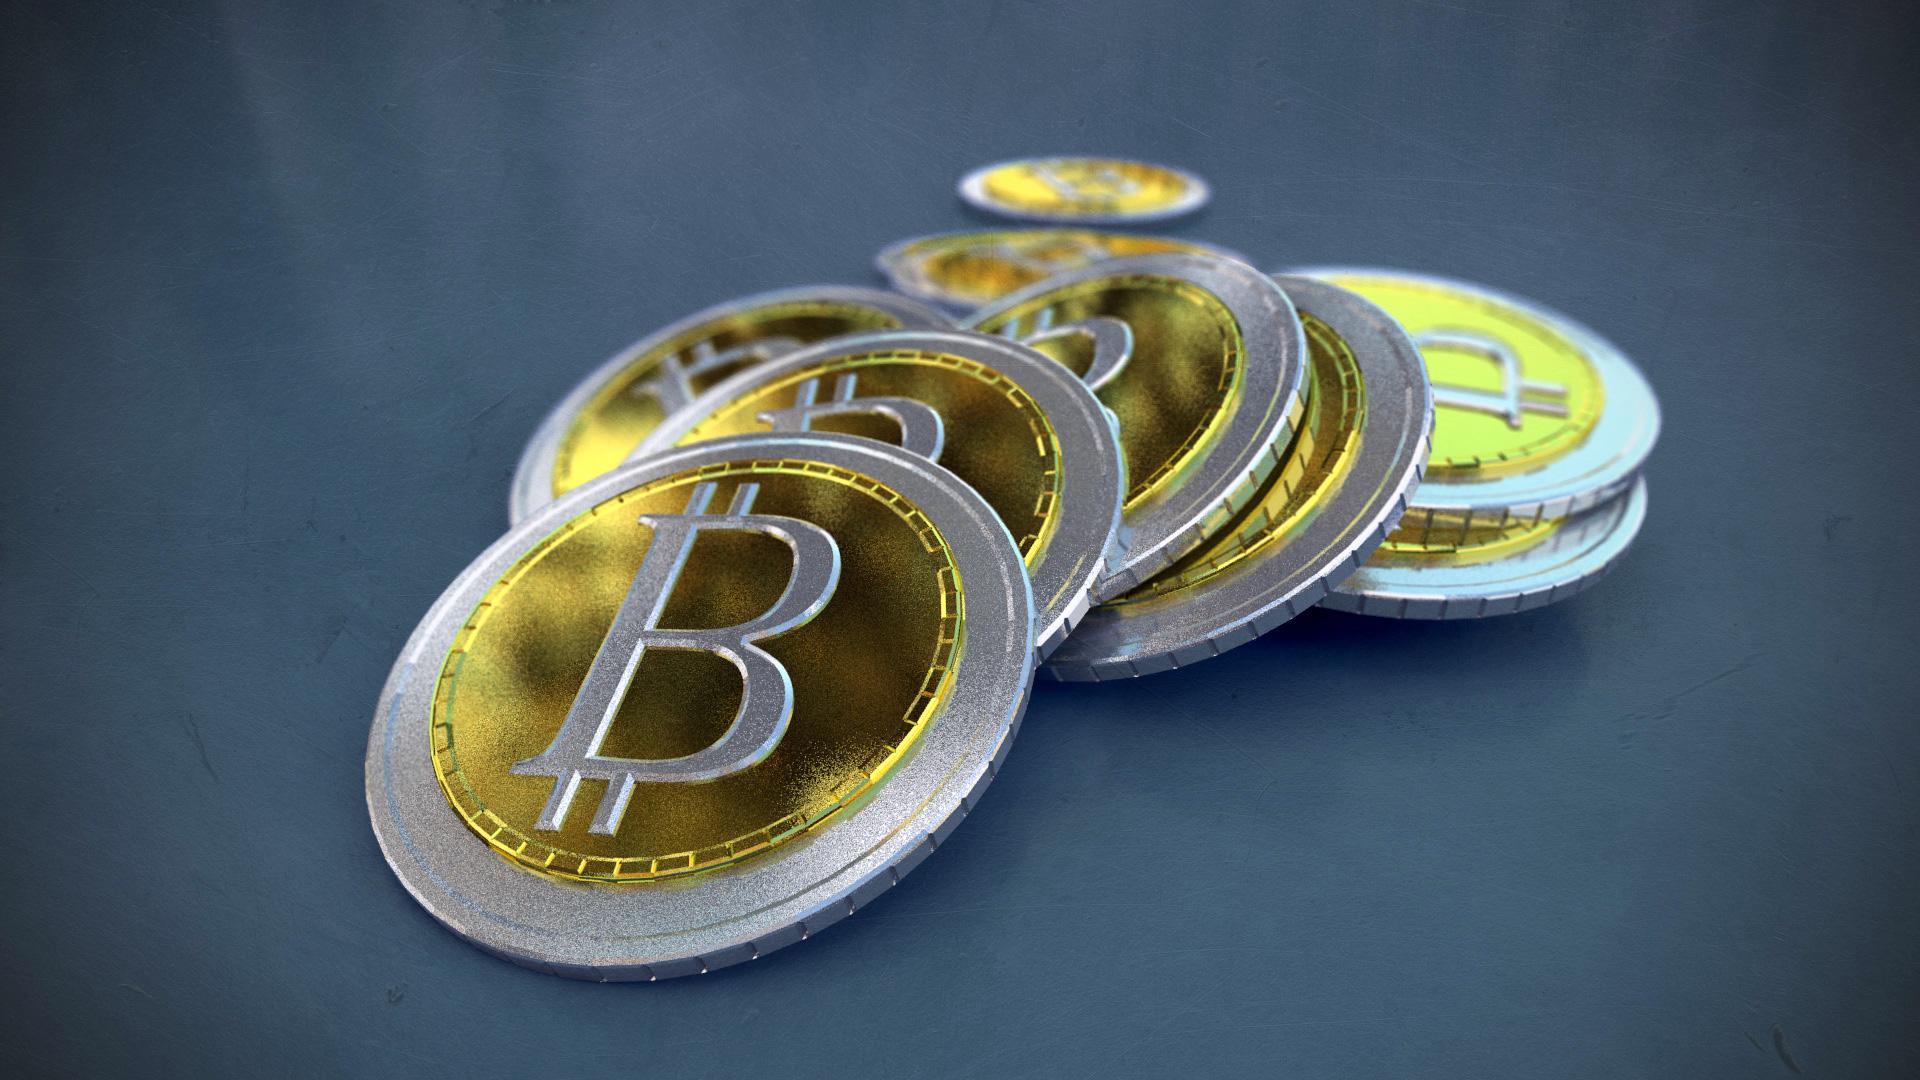 tai lopez quer ganhar dinheiro com bitcoin